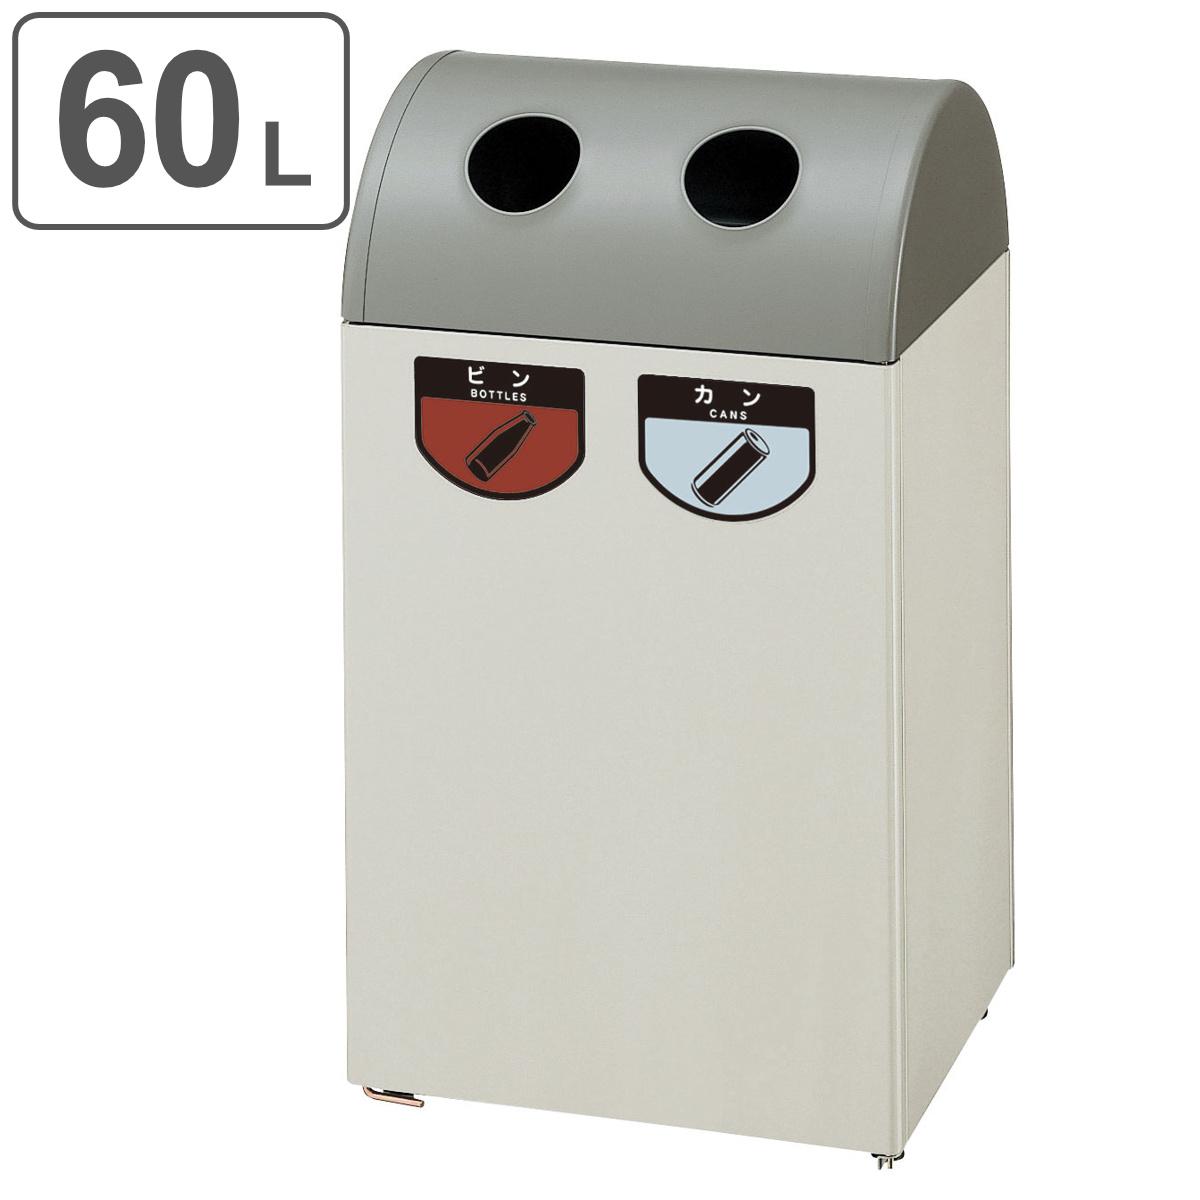 ゴミ箱 リサイクルボックス E-2 送料無料 【3980円以上送料無料】